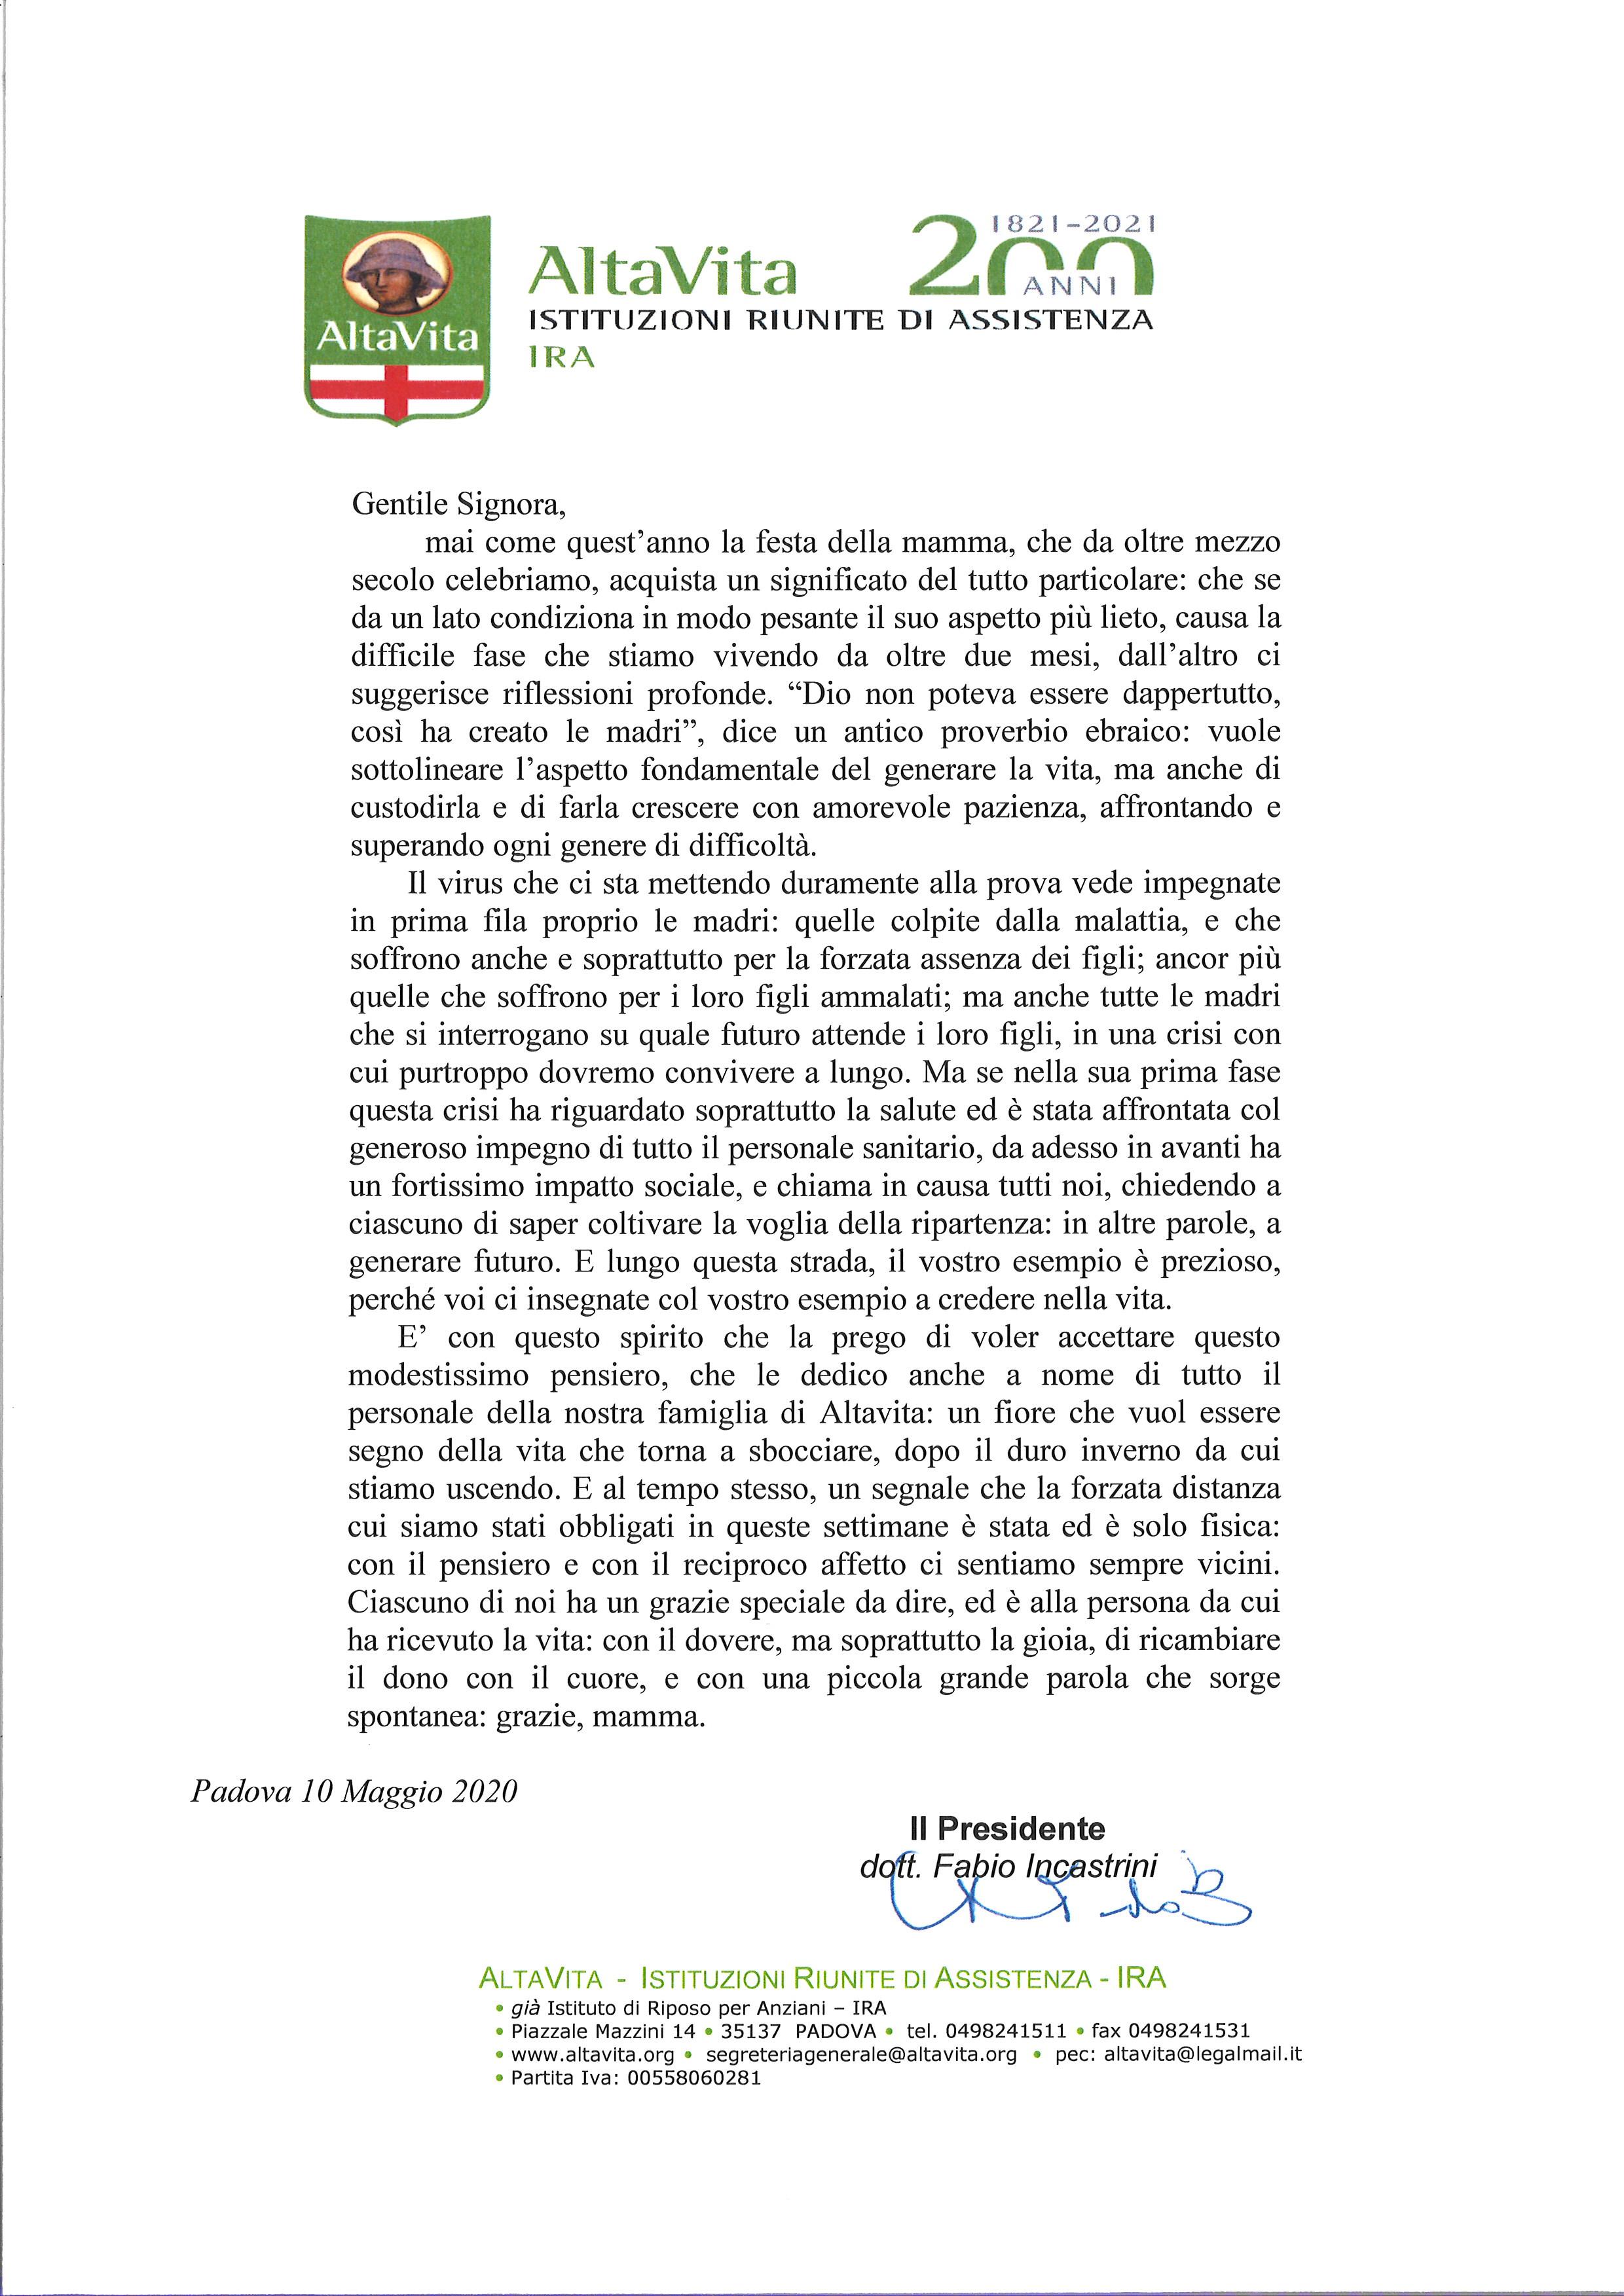 Casa Della Carta Padova altavita-ira